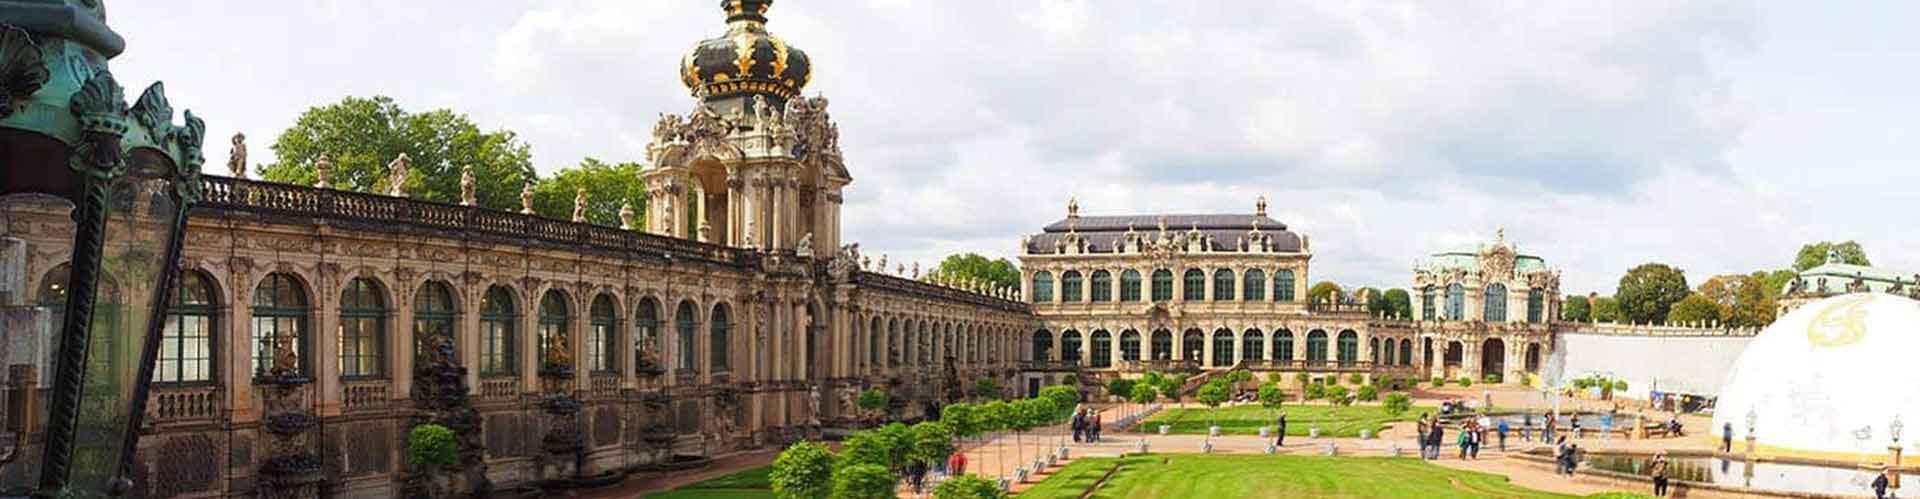 free tour Dresde – turismo alemania